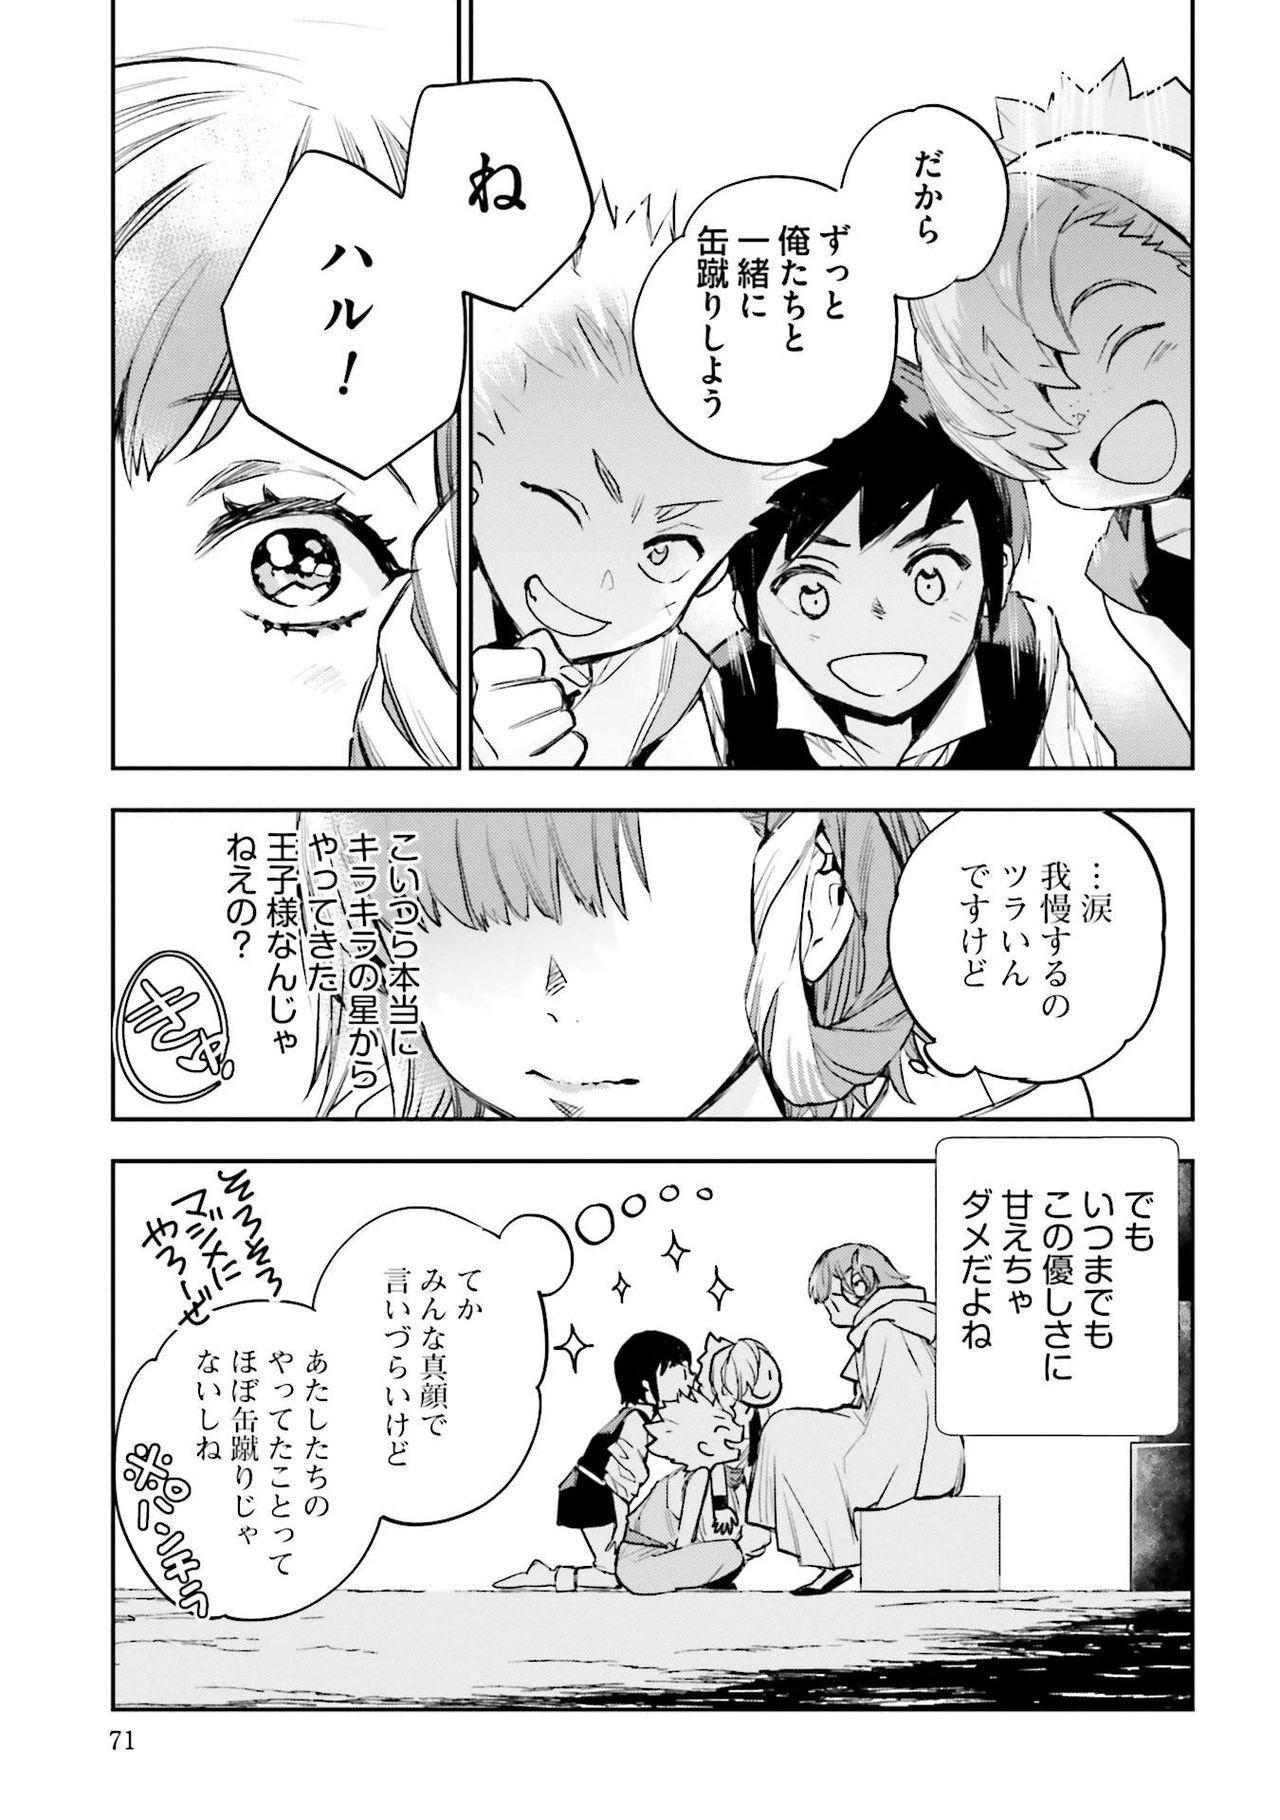 JK Haru wa Isekai de Shoufu ni Natta 1-14 430